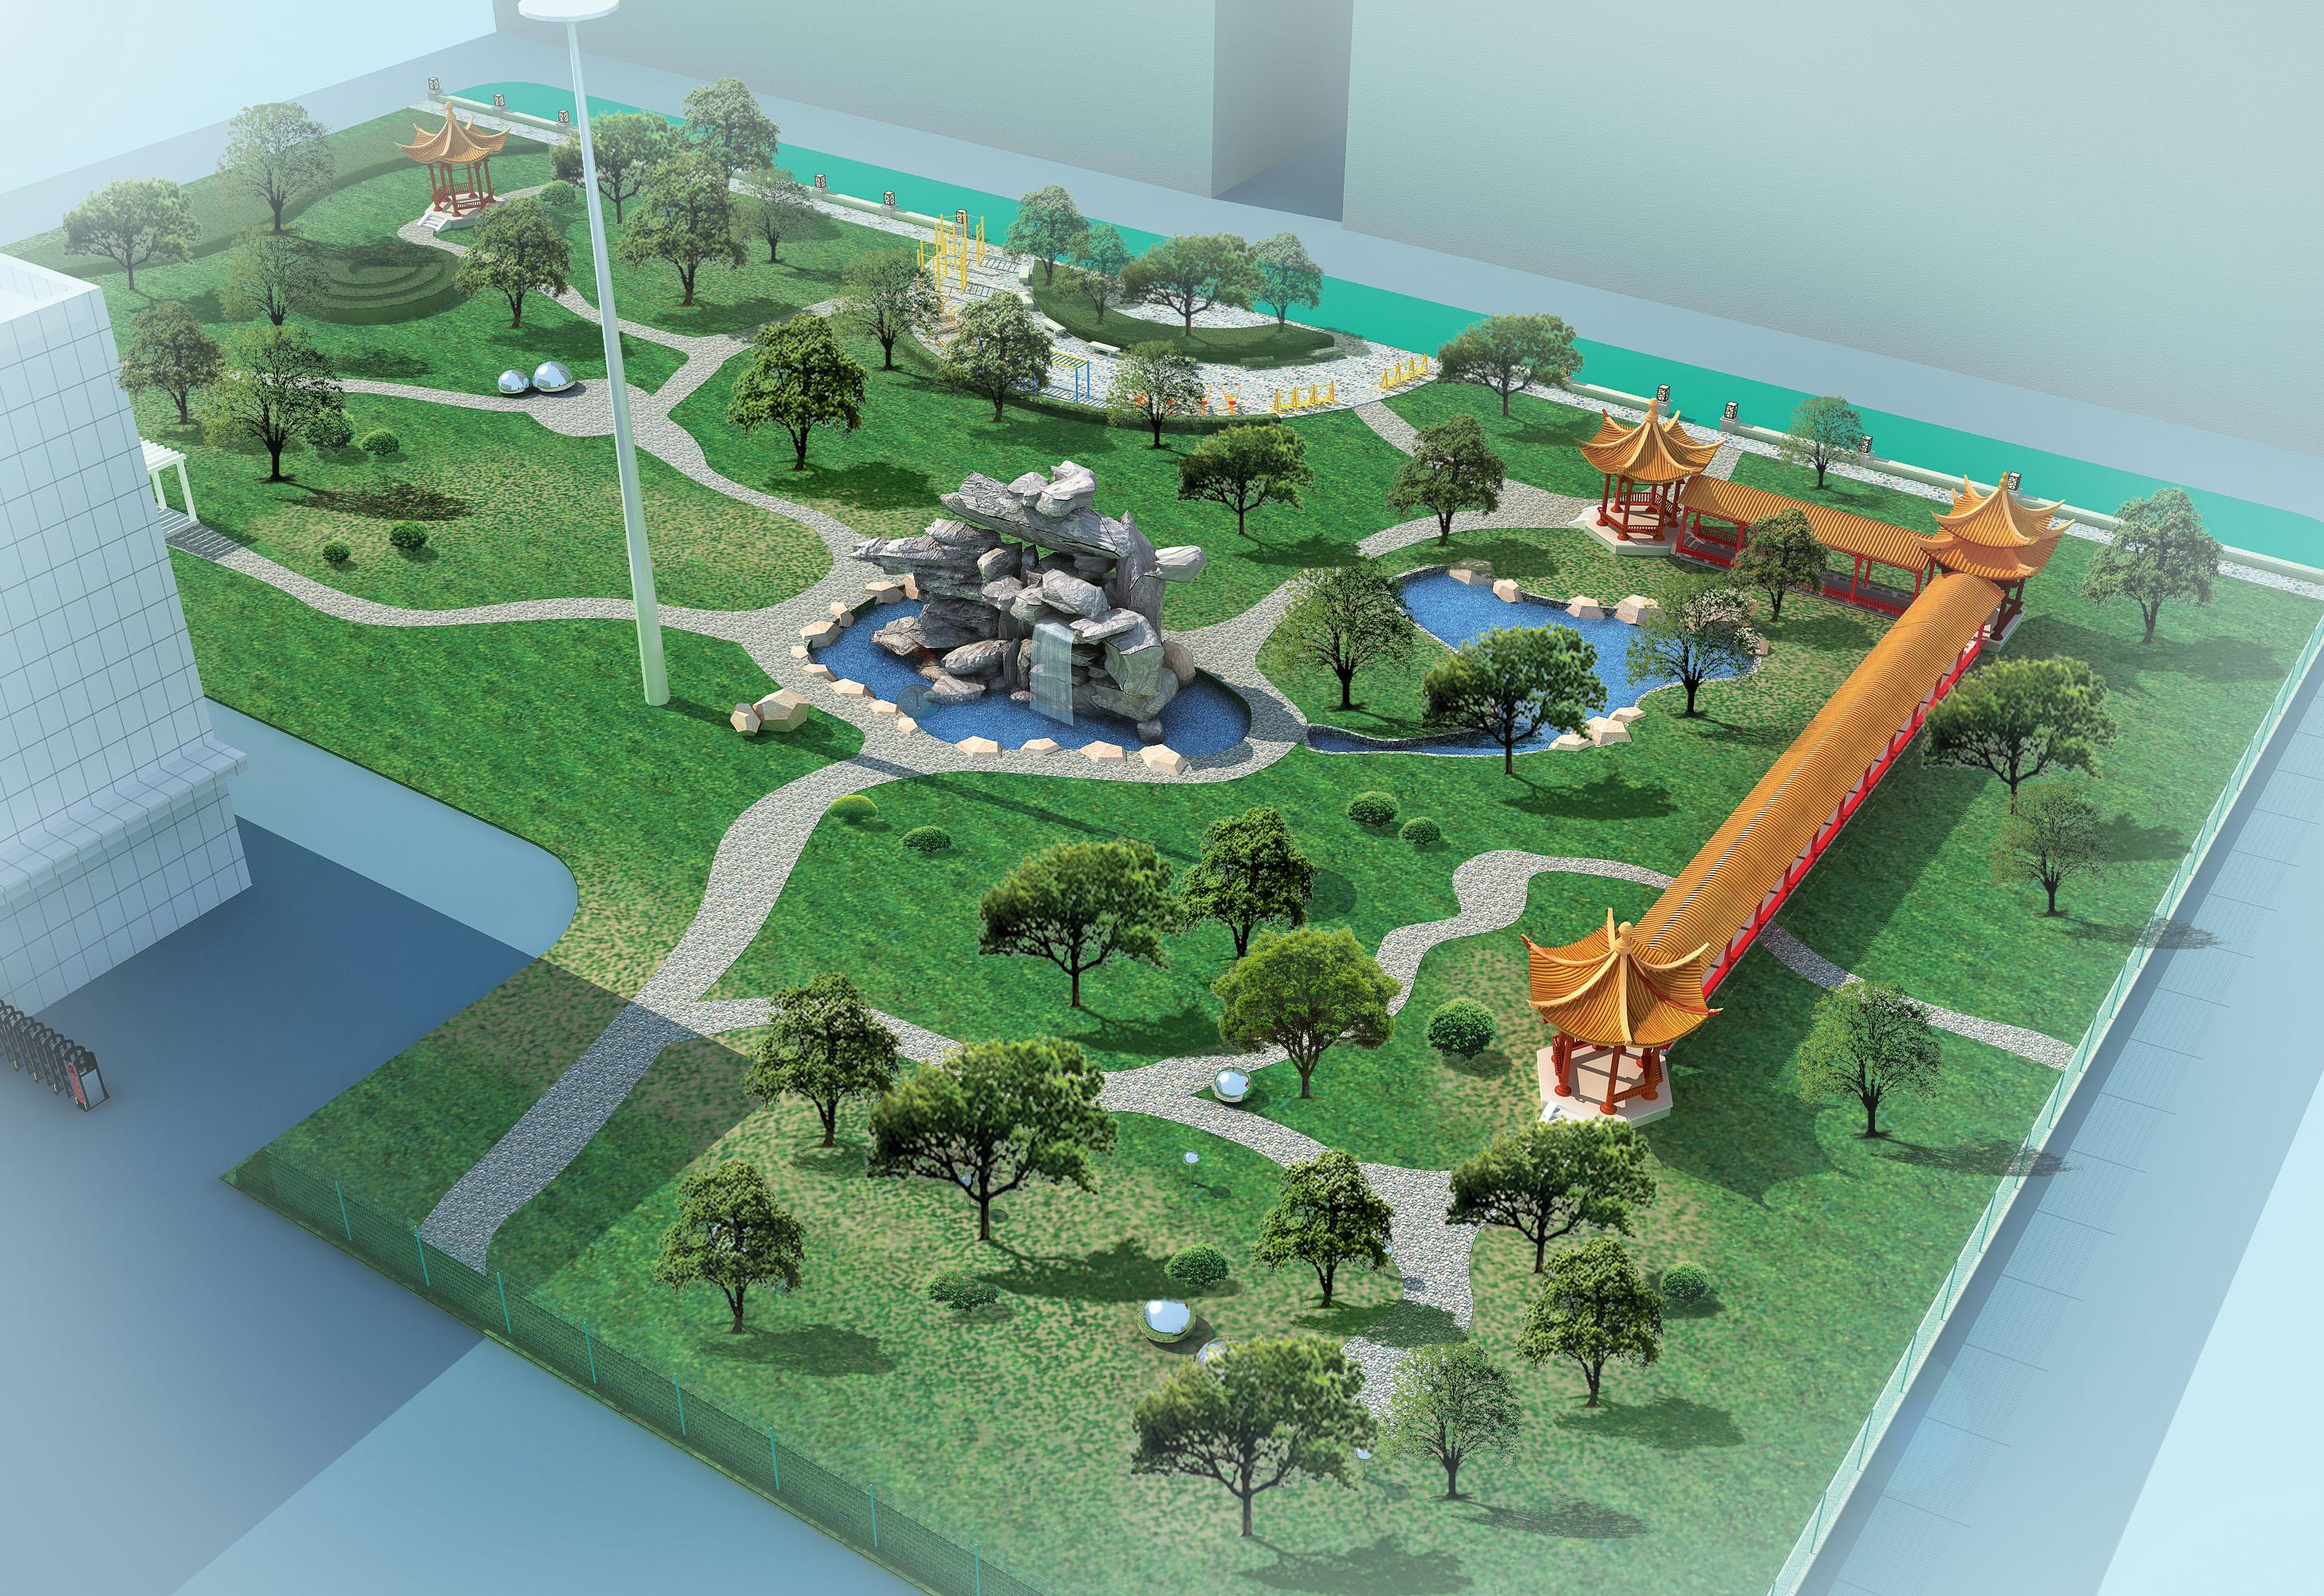 园林设计图 园林绿化及施工 居住区及公园绿化设计图 单位小区花园